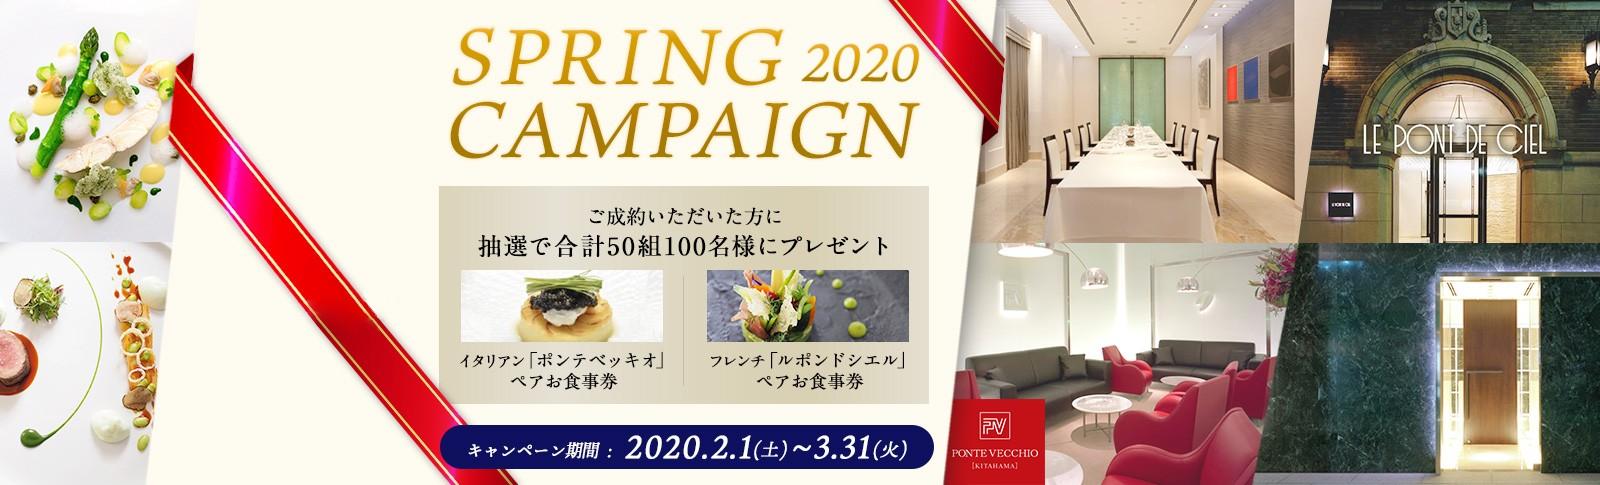 2020 SPRING CAMPAIGN キャンペーン期間:2020年2月1日(土)~3月31日(火) ご成約いただいた方に抽選で合計50組100名様にプレゼント ・イタリアン「ポンてベッキオ」ペアお食事券 ・フレンチ「ルポンドシエル」ペアお食事券